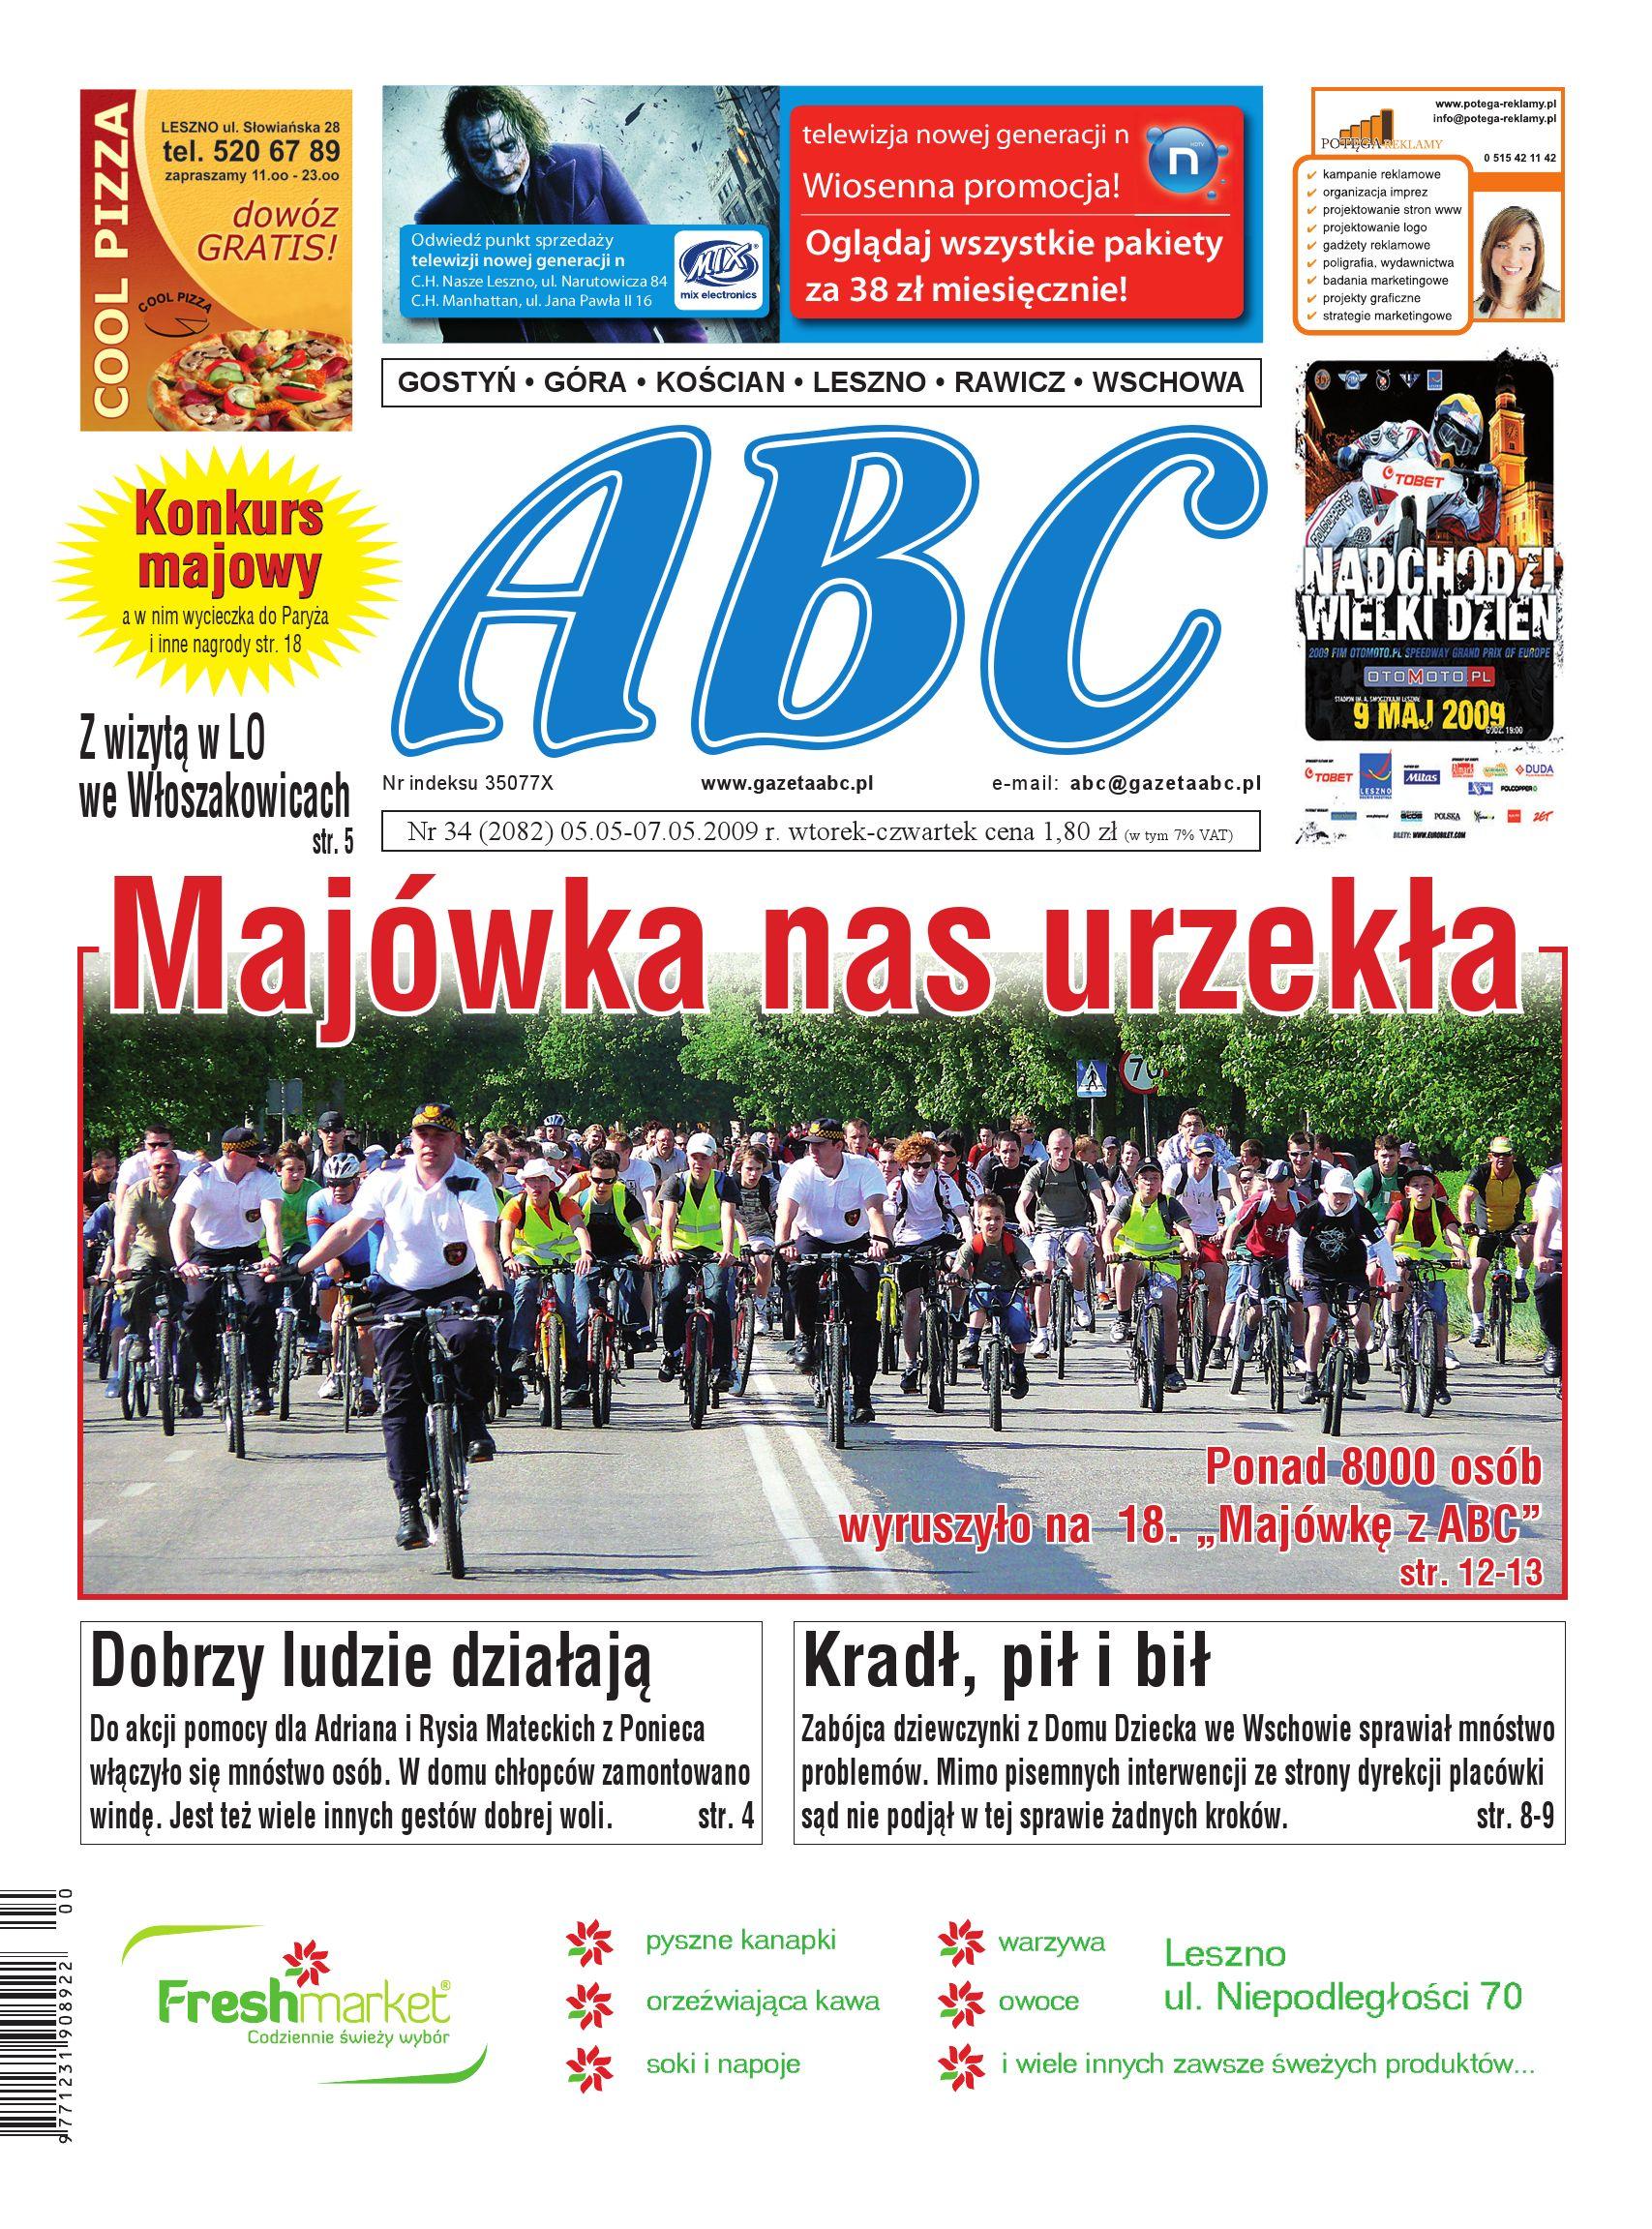 Gazeta Abc 5 Maja 2009 By Sekretarz Redakcji Issuu